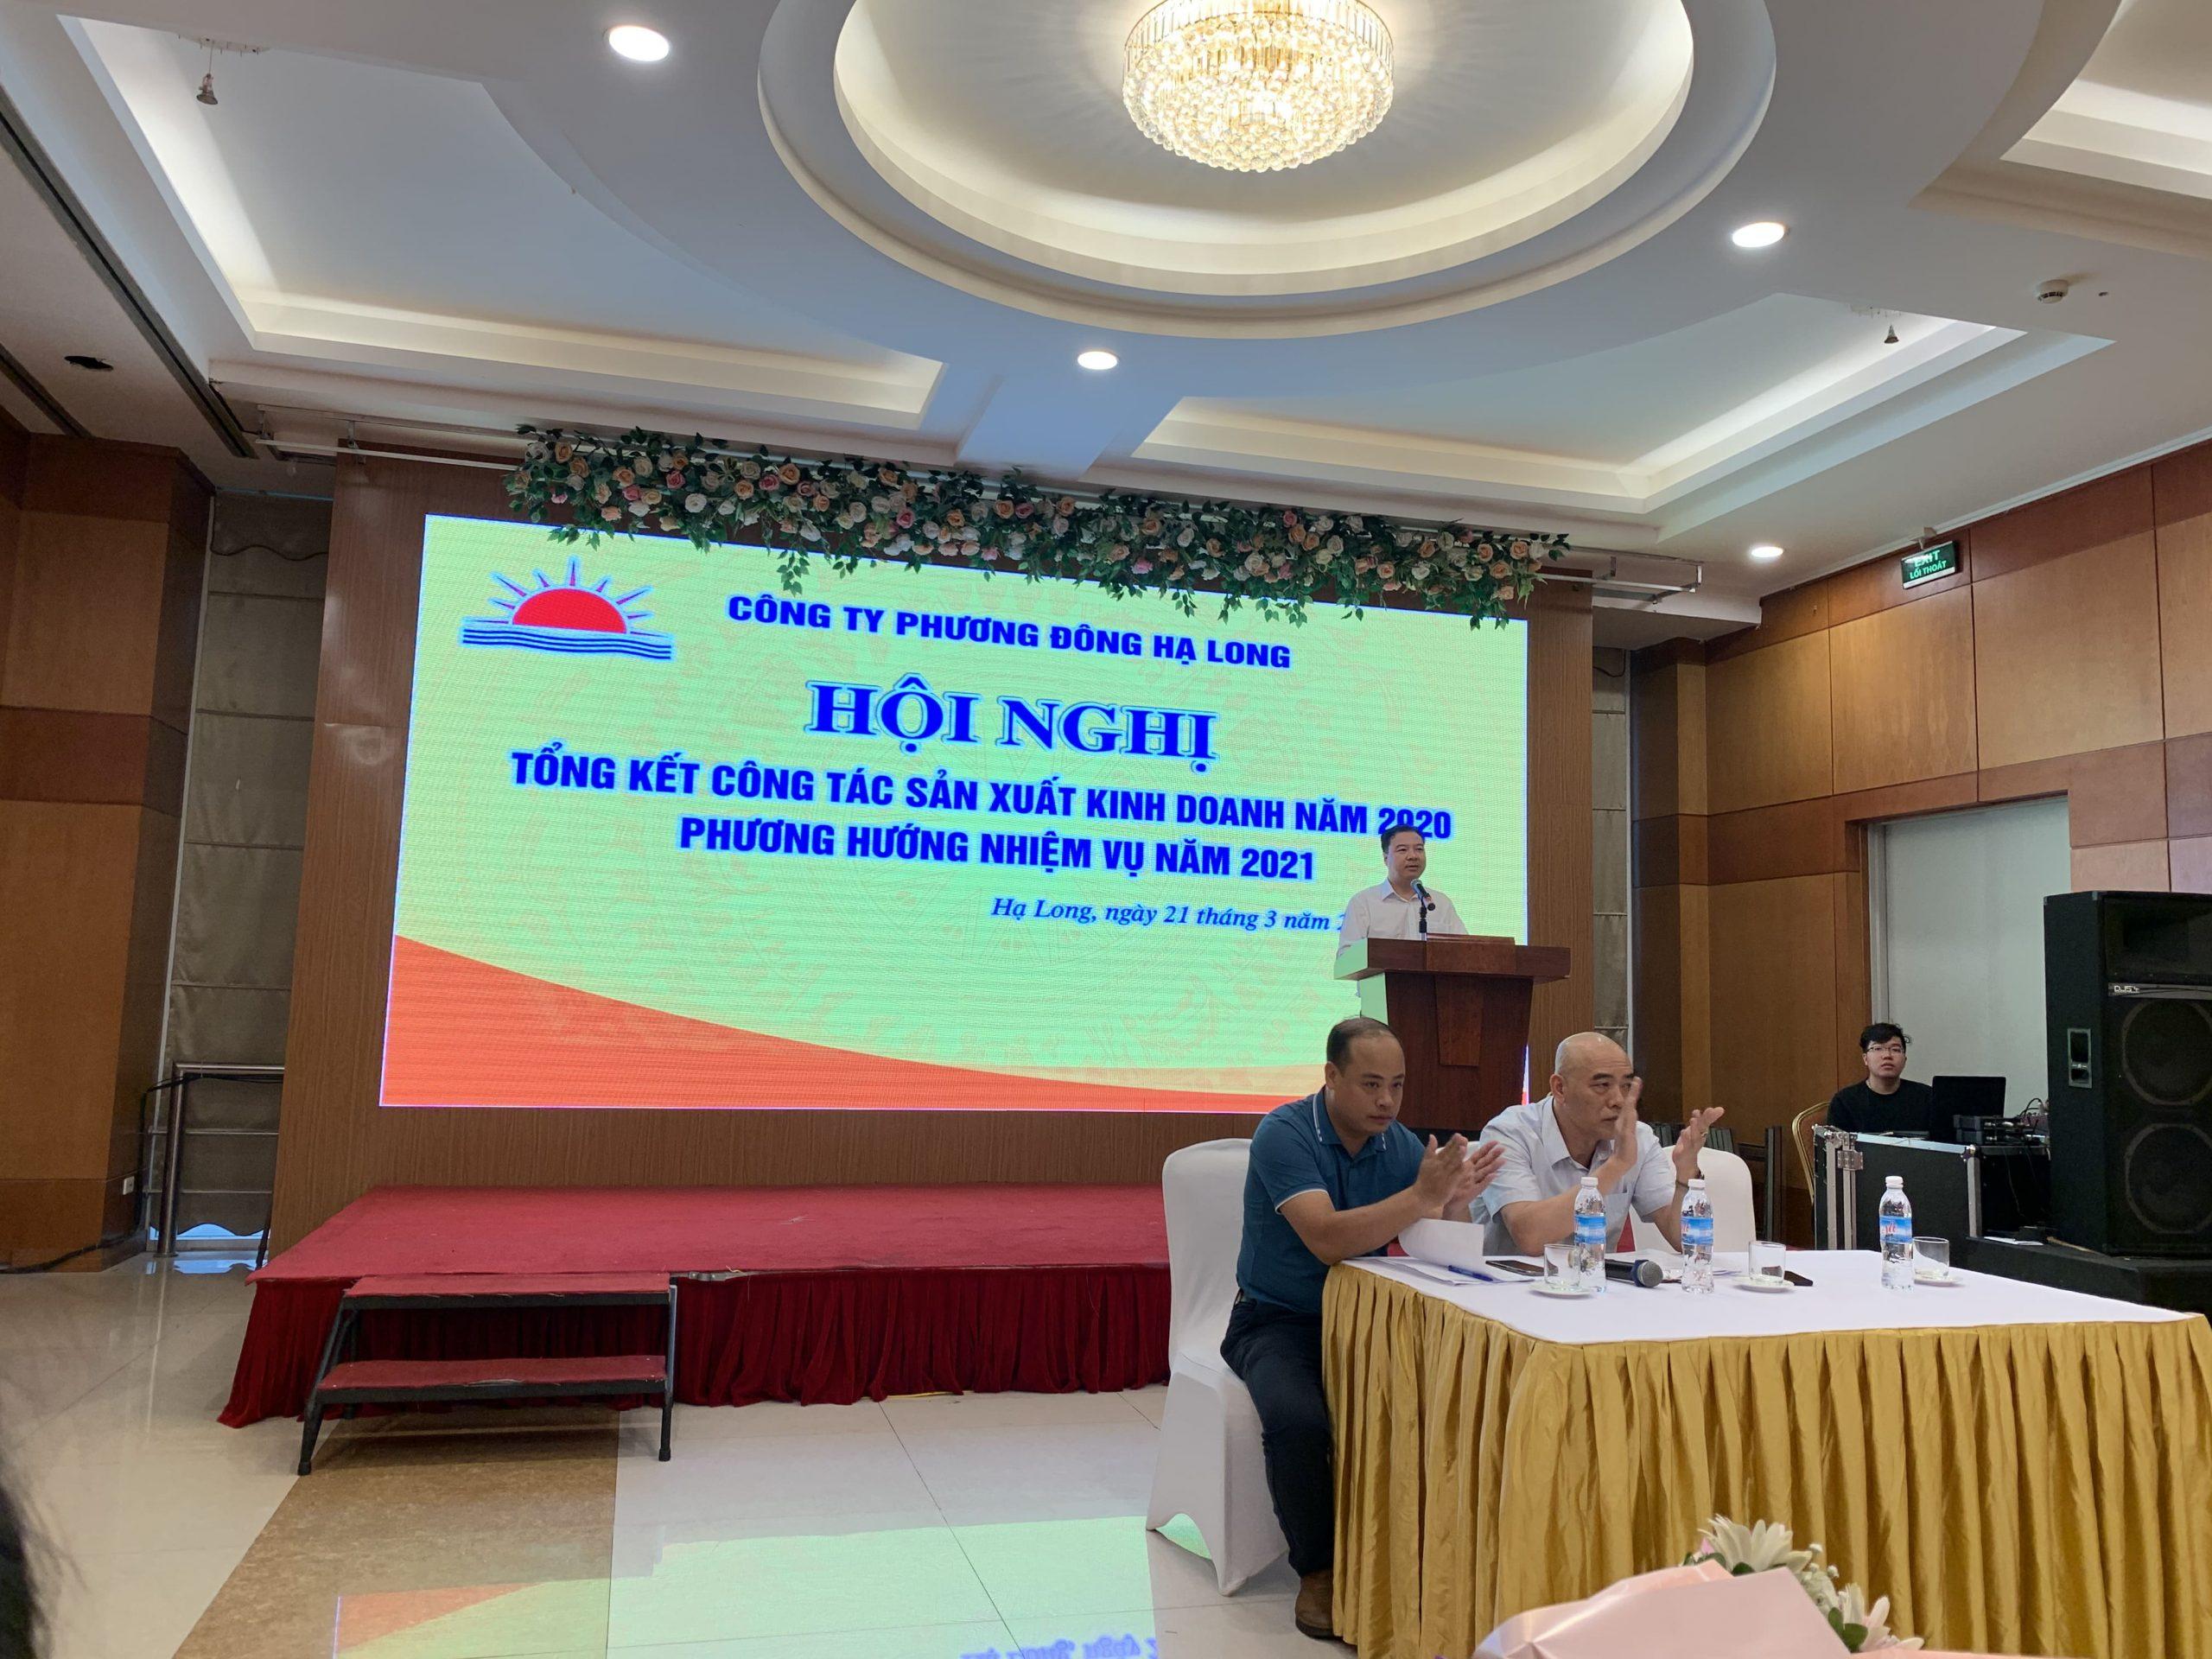 Anh Nguyễn Ngọc Tú - Giám đốc công ty phát biểu khai mạc hội nghị